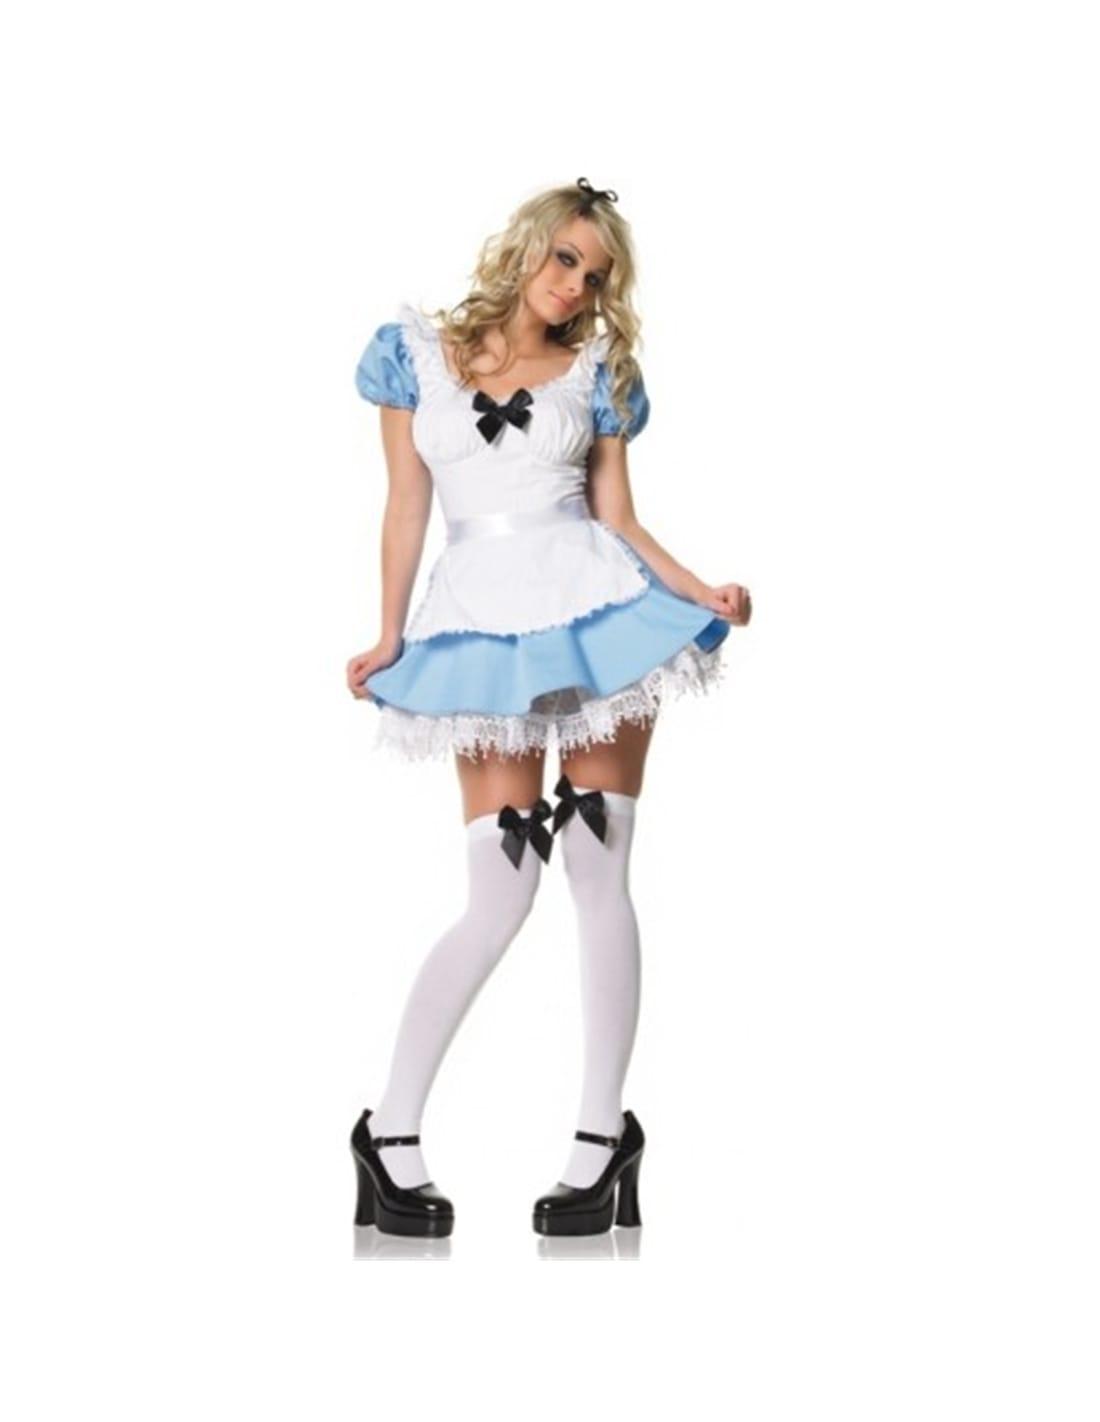 PR2010304782 - Fantasia De Alice No País Das Maravilhas Blue Alice - 36 S-PR2010304782